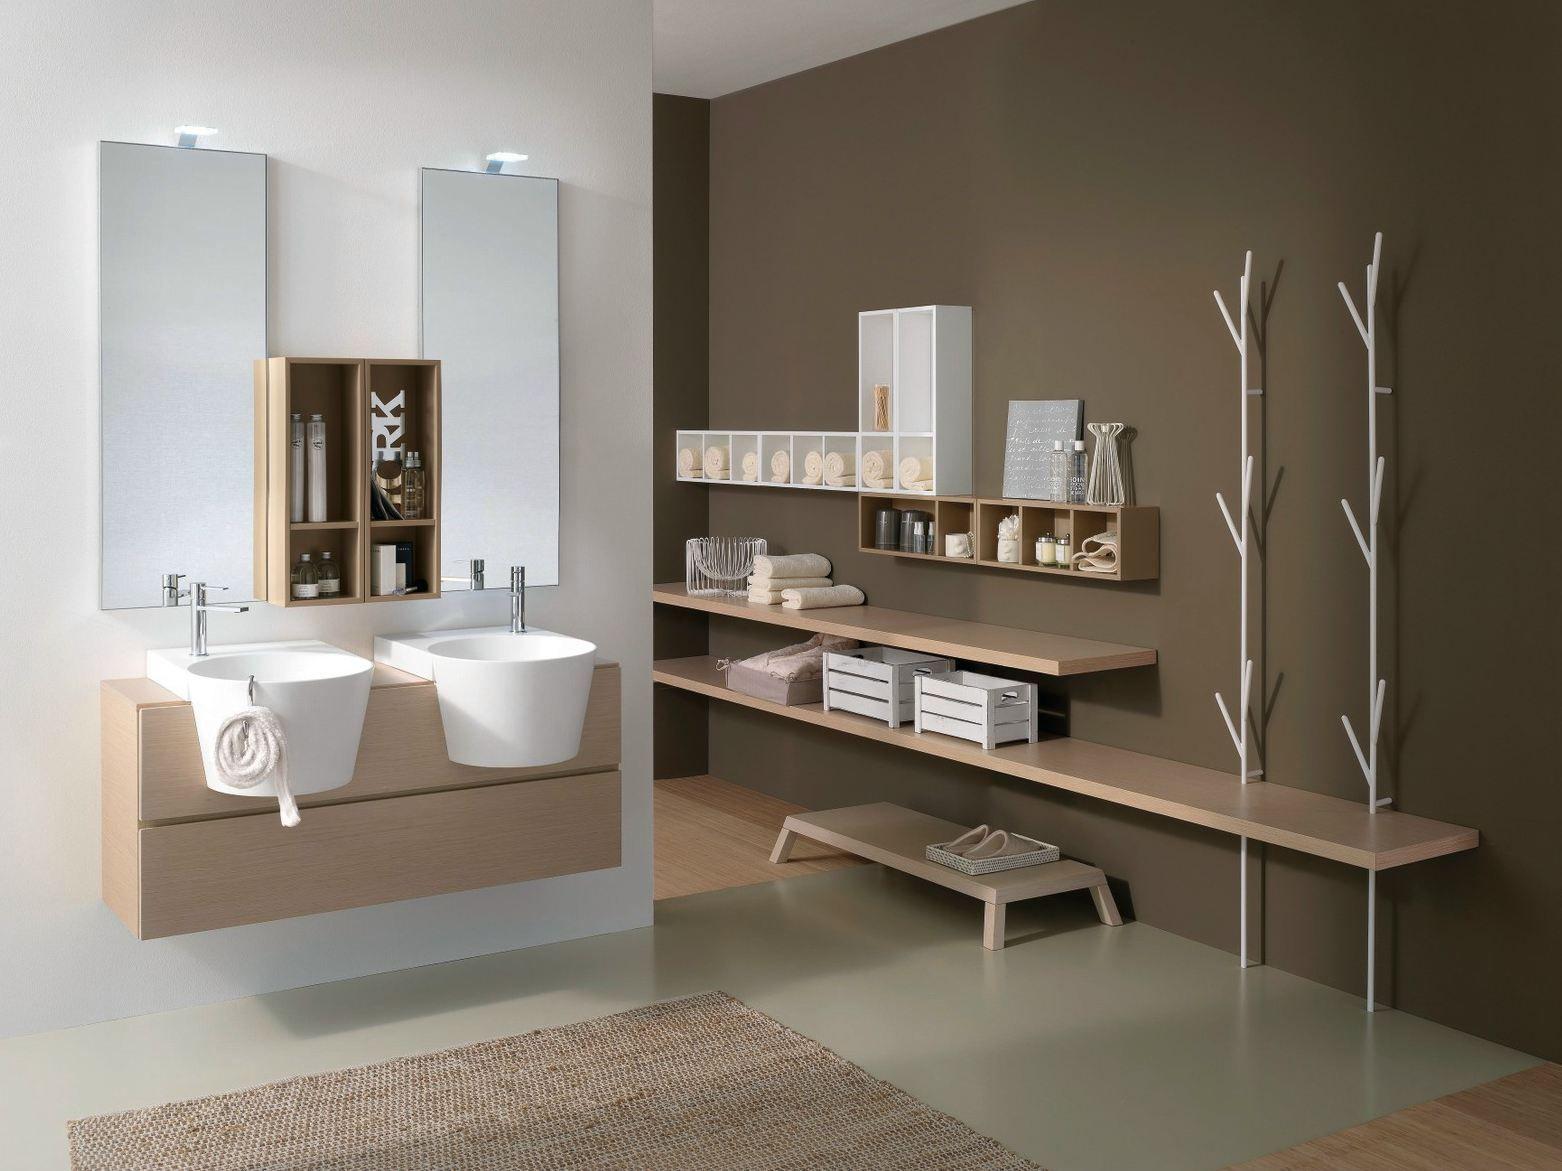 Arredo bagno completo canestro composizione c12 by novello design gian vittorio plazzogna - Novello mobili bagno ...